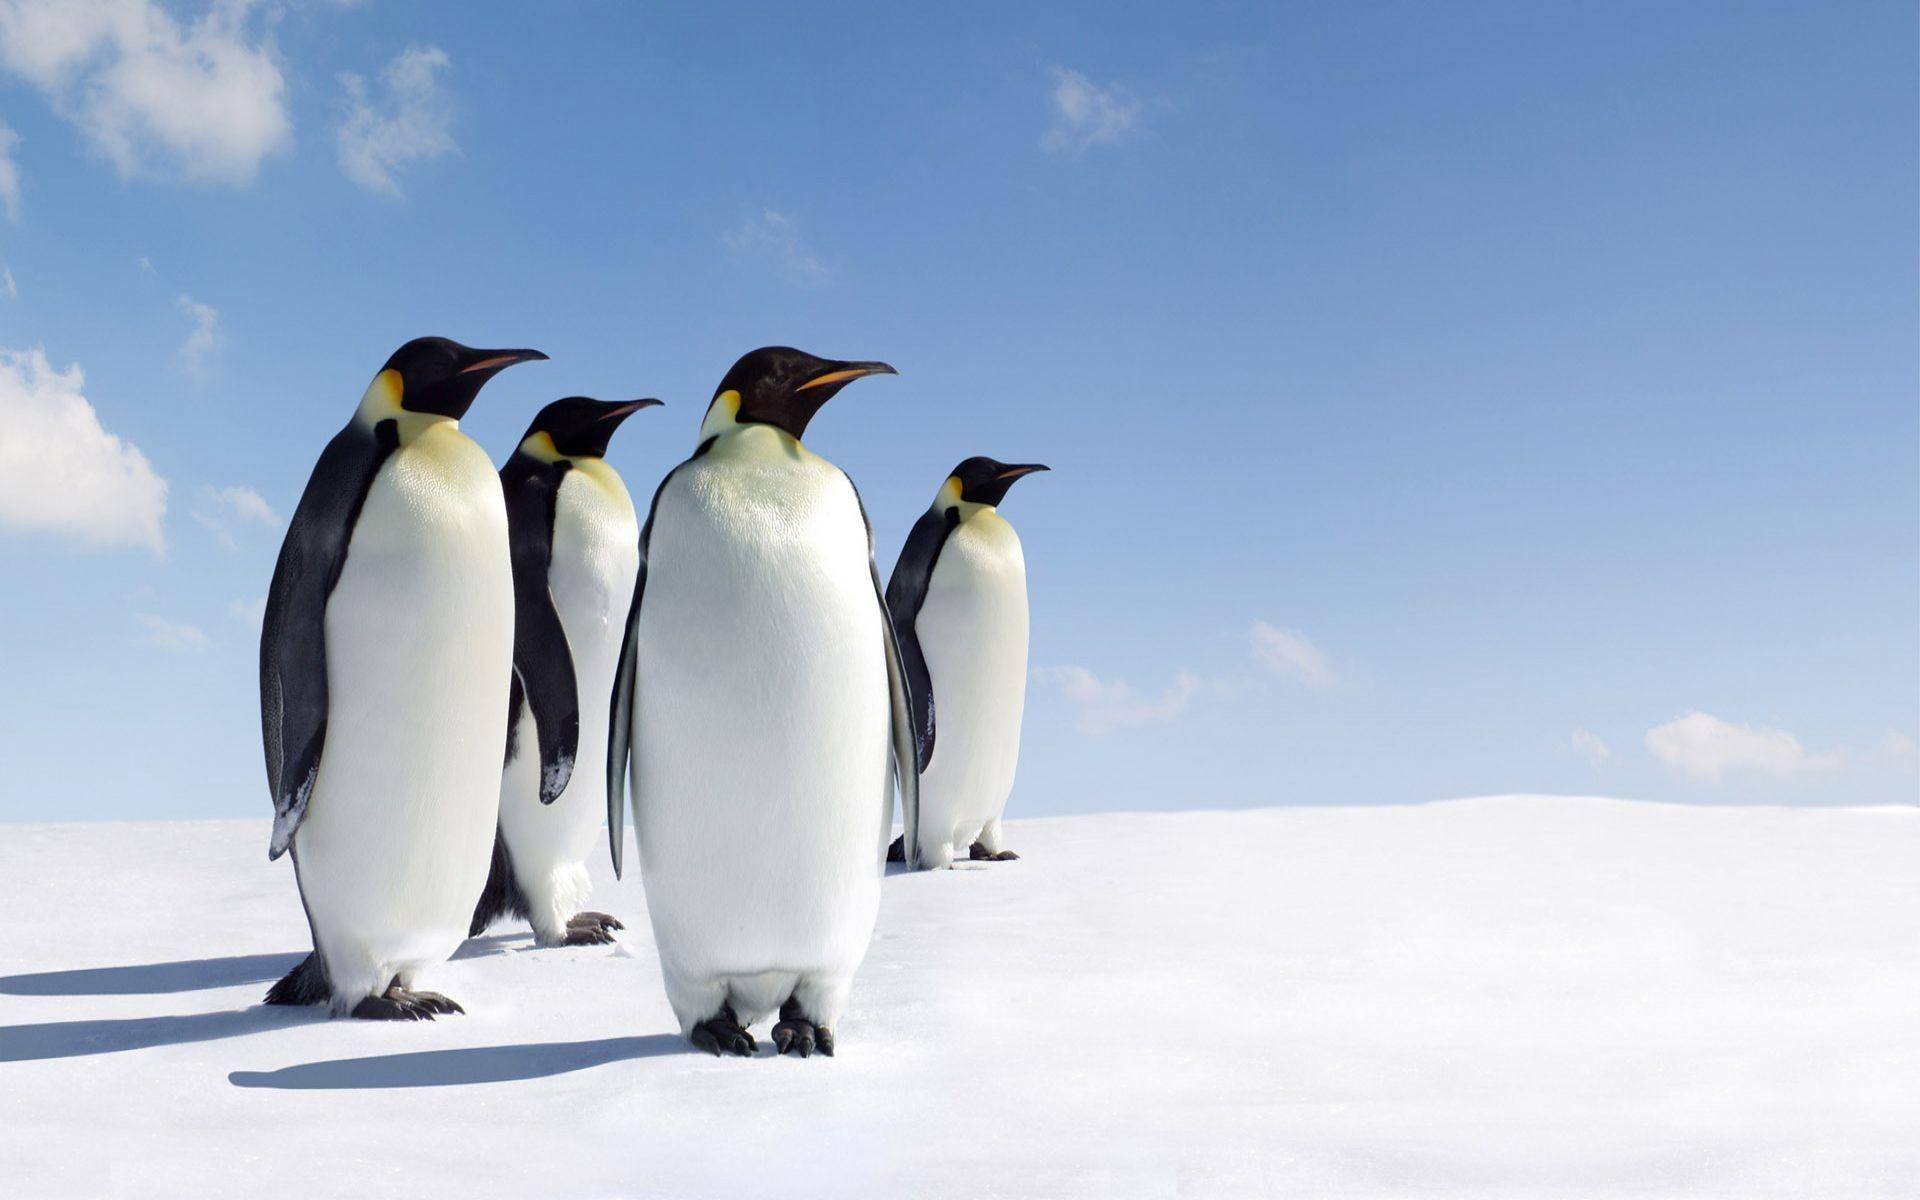 Pinguinos Especies En Peligro De Extinción Especies De Pinguinos Especies En Peligro